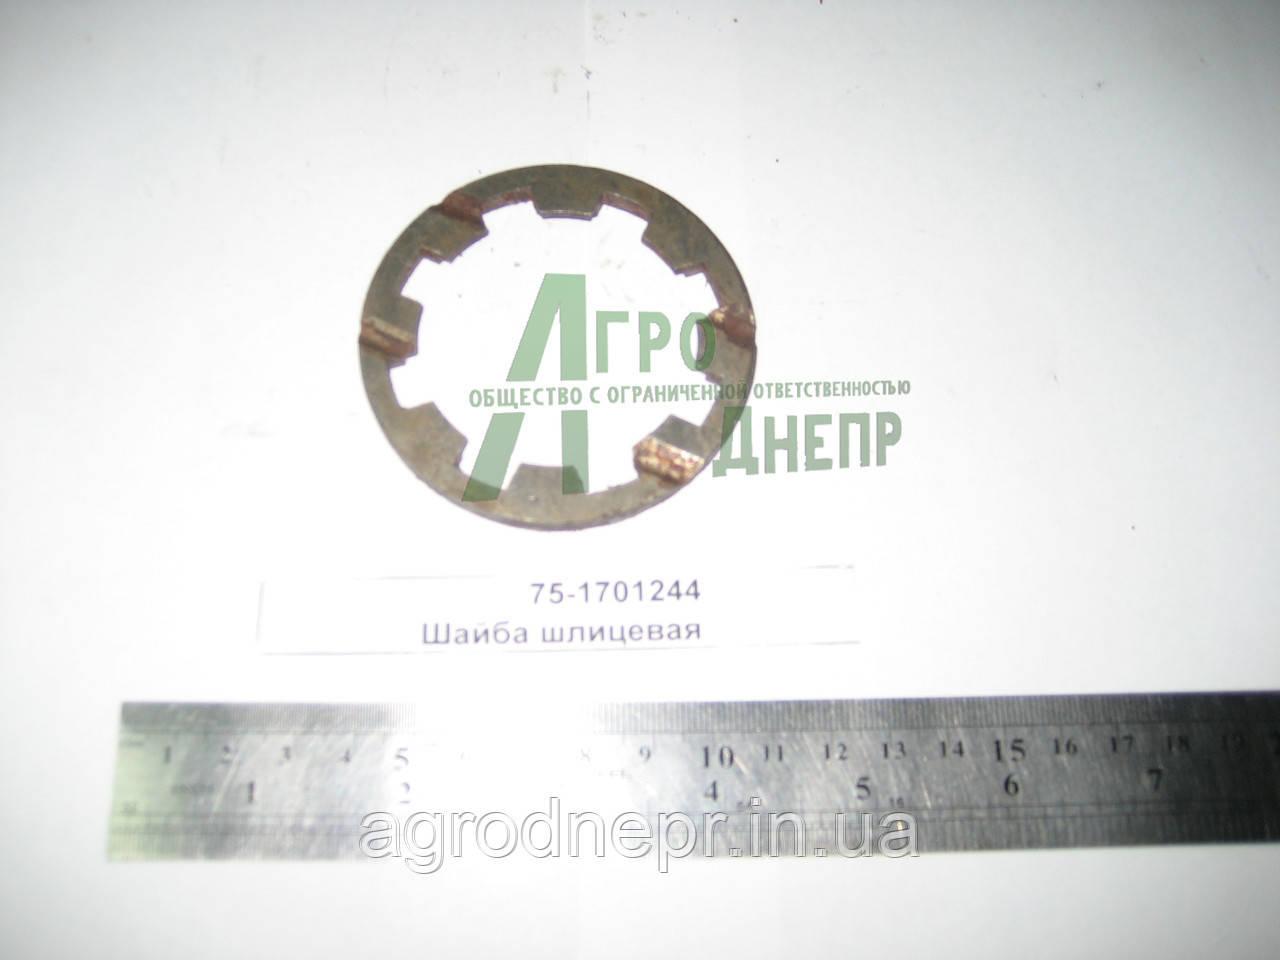 Шайба шлицева КПП ЮМЗ 8240 75-1701244